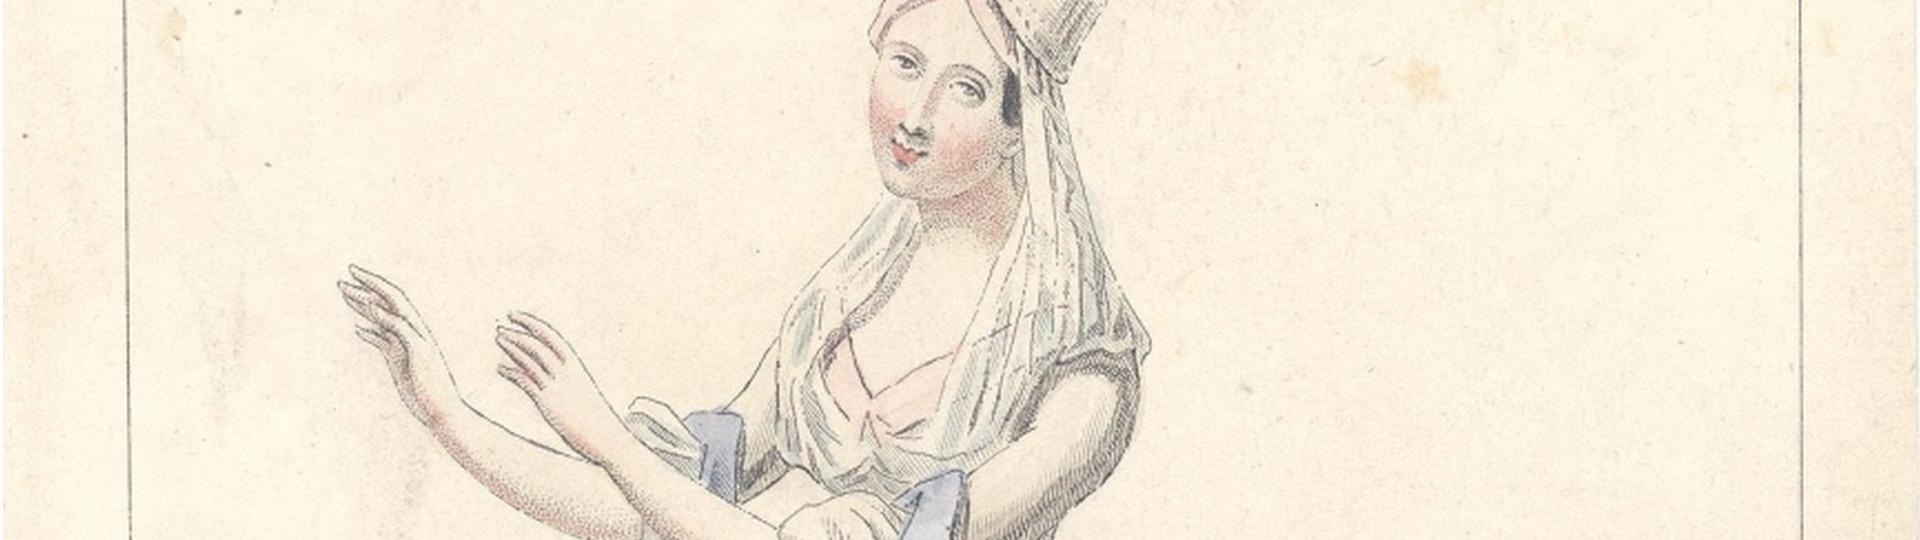 «Μια βασίλισσα στην όπερα» στο Τελλόγλειο Ίδρυμα Τεχνών του Α.Π.Θ.